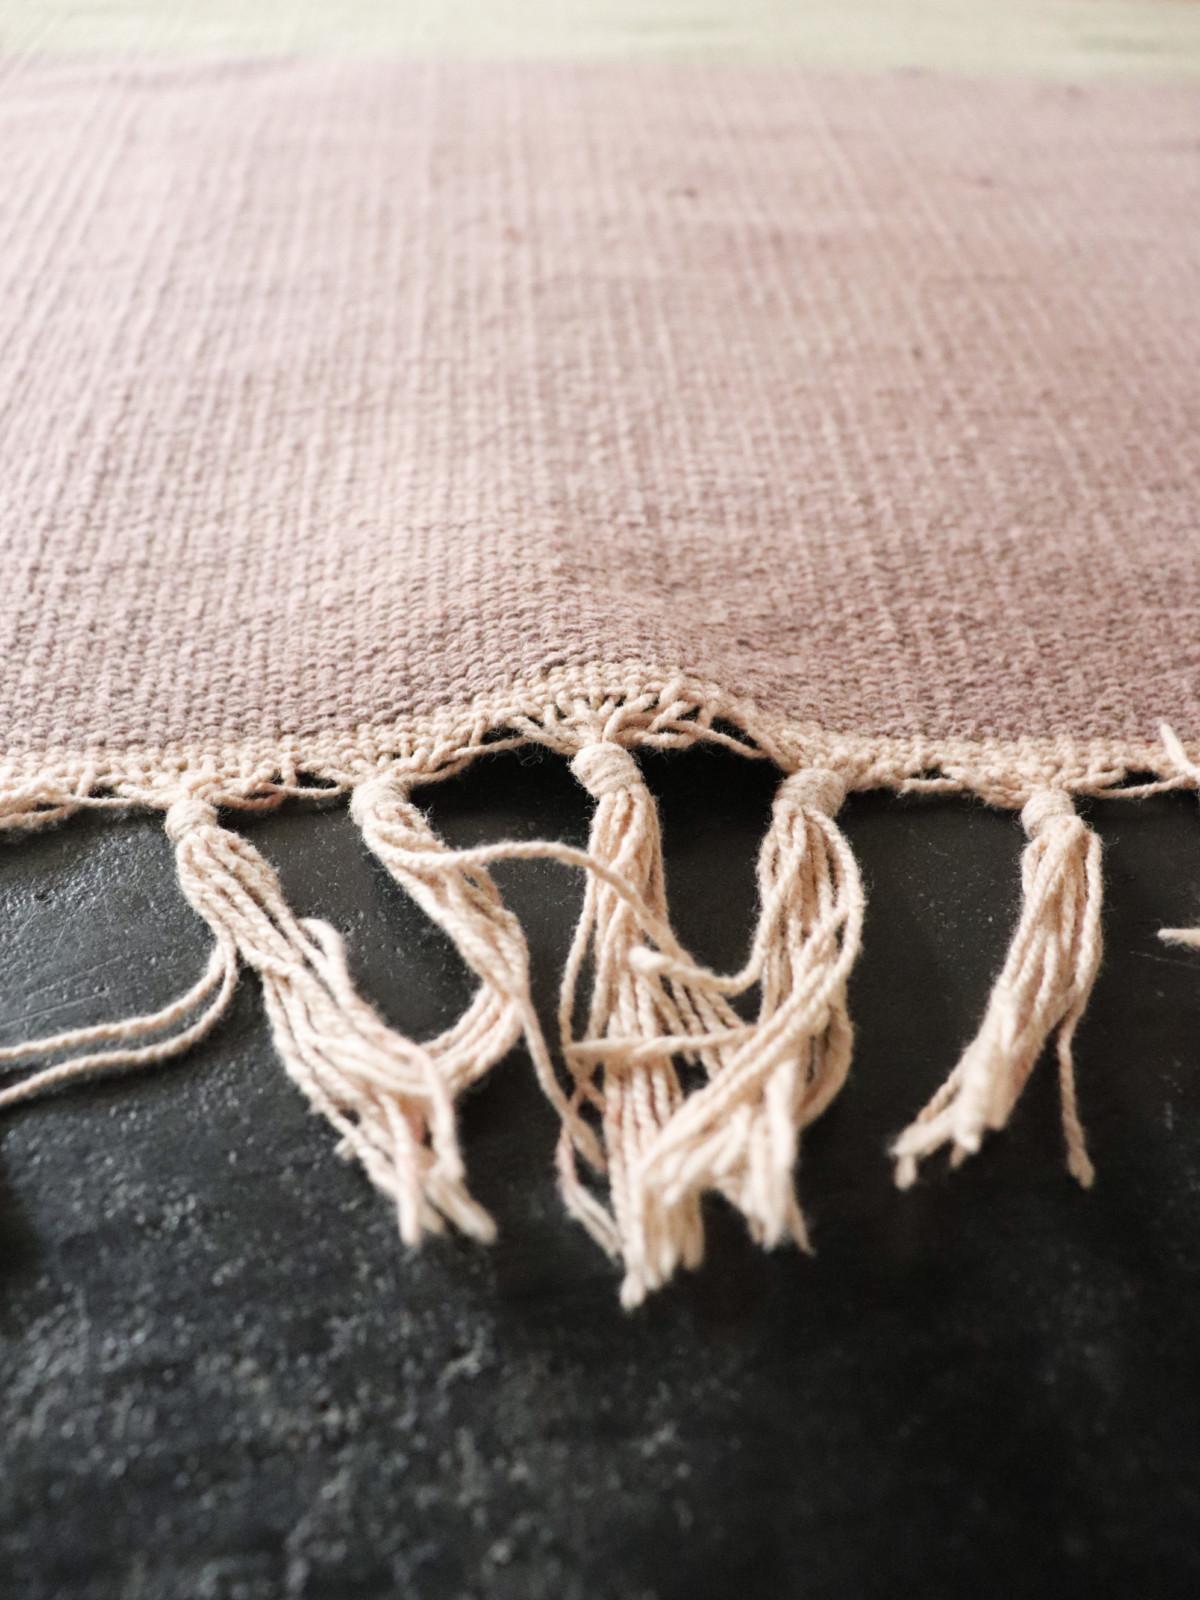 cotton rug, USA,vintage